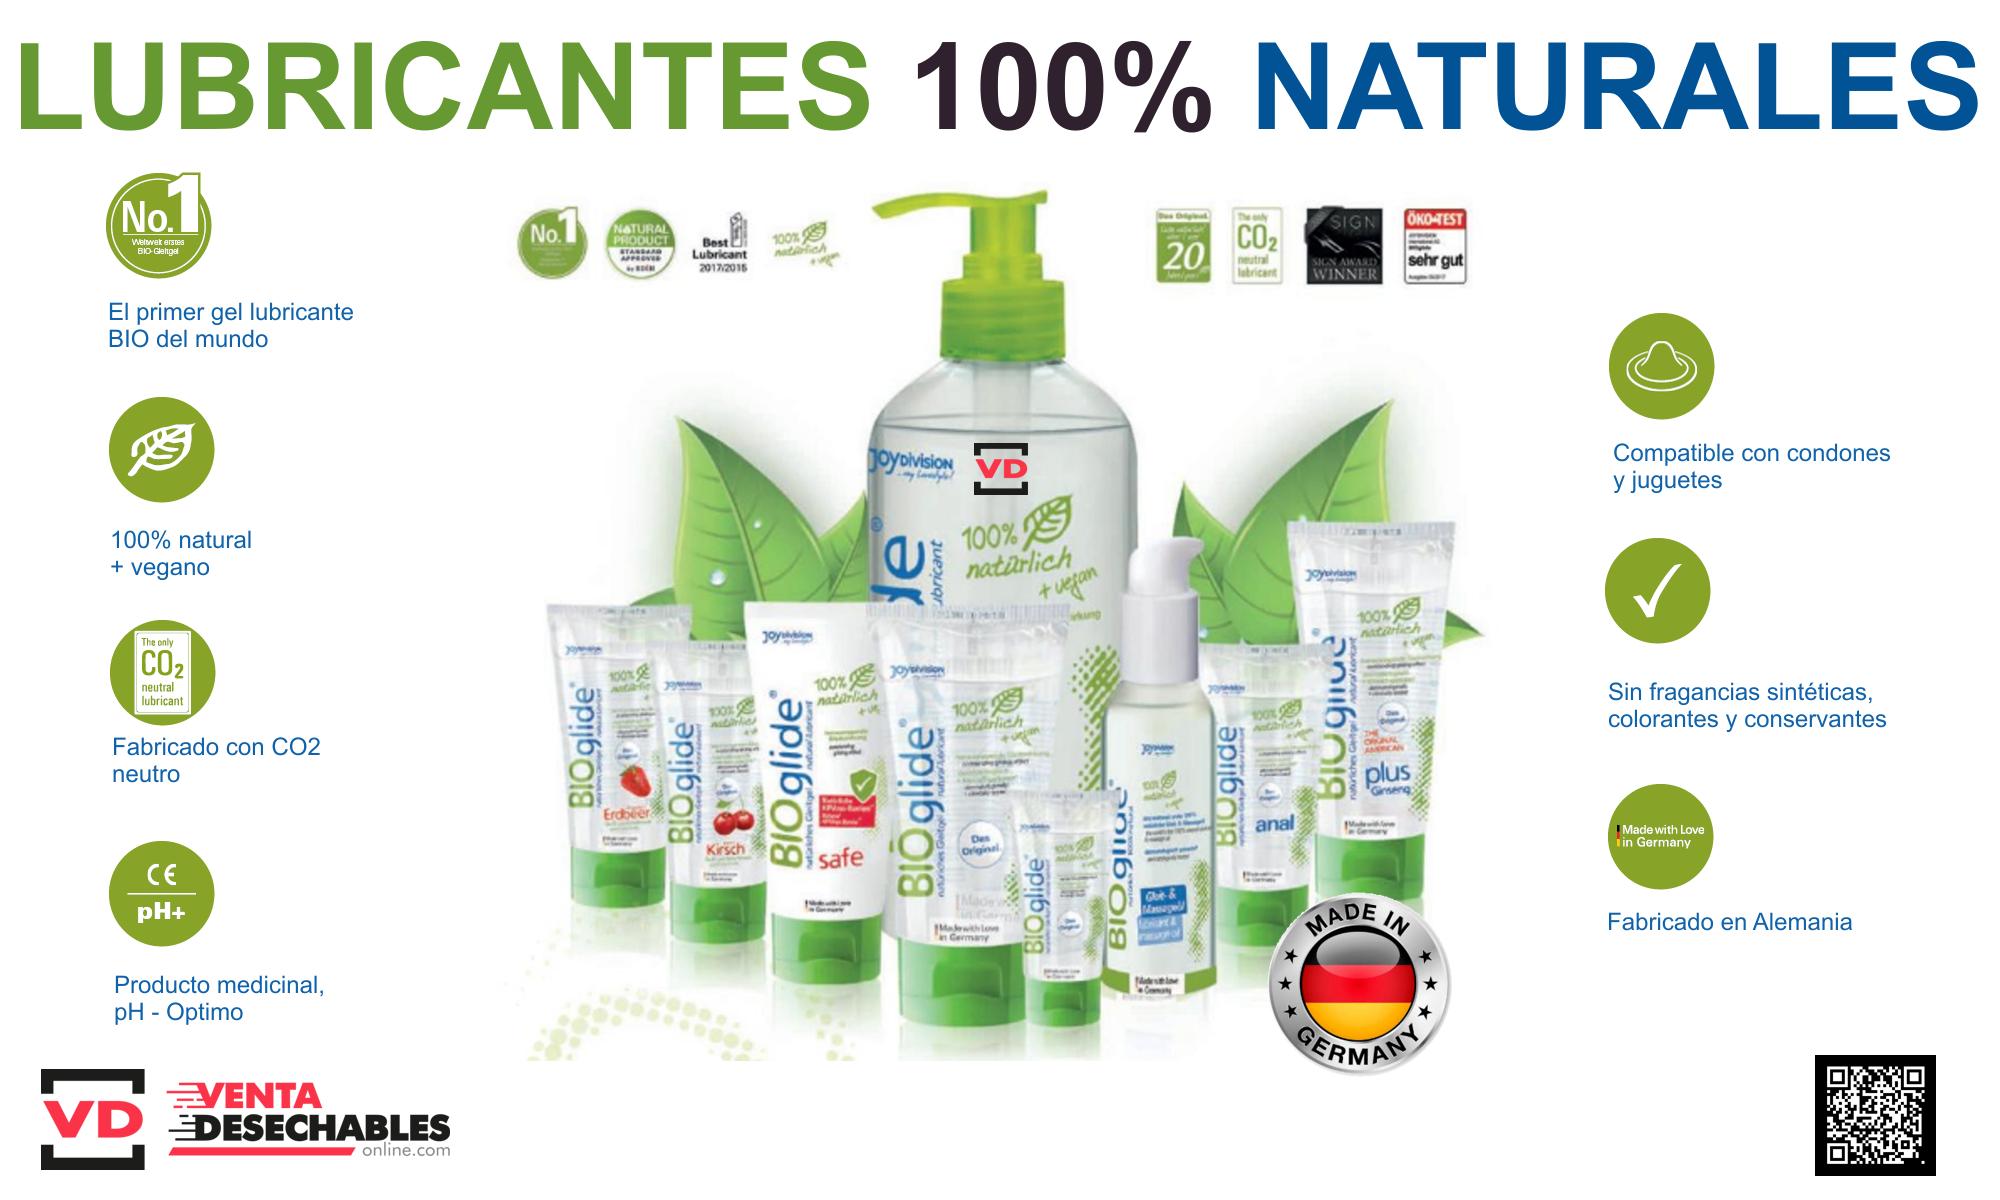 Bioglide lubricante natural